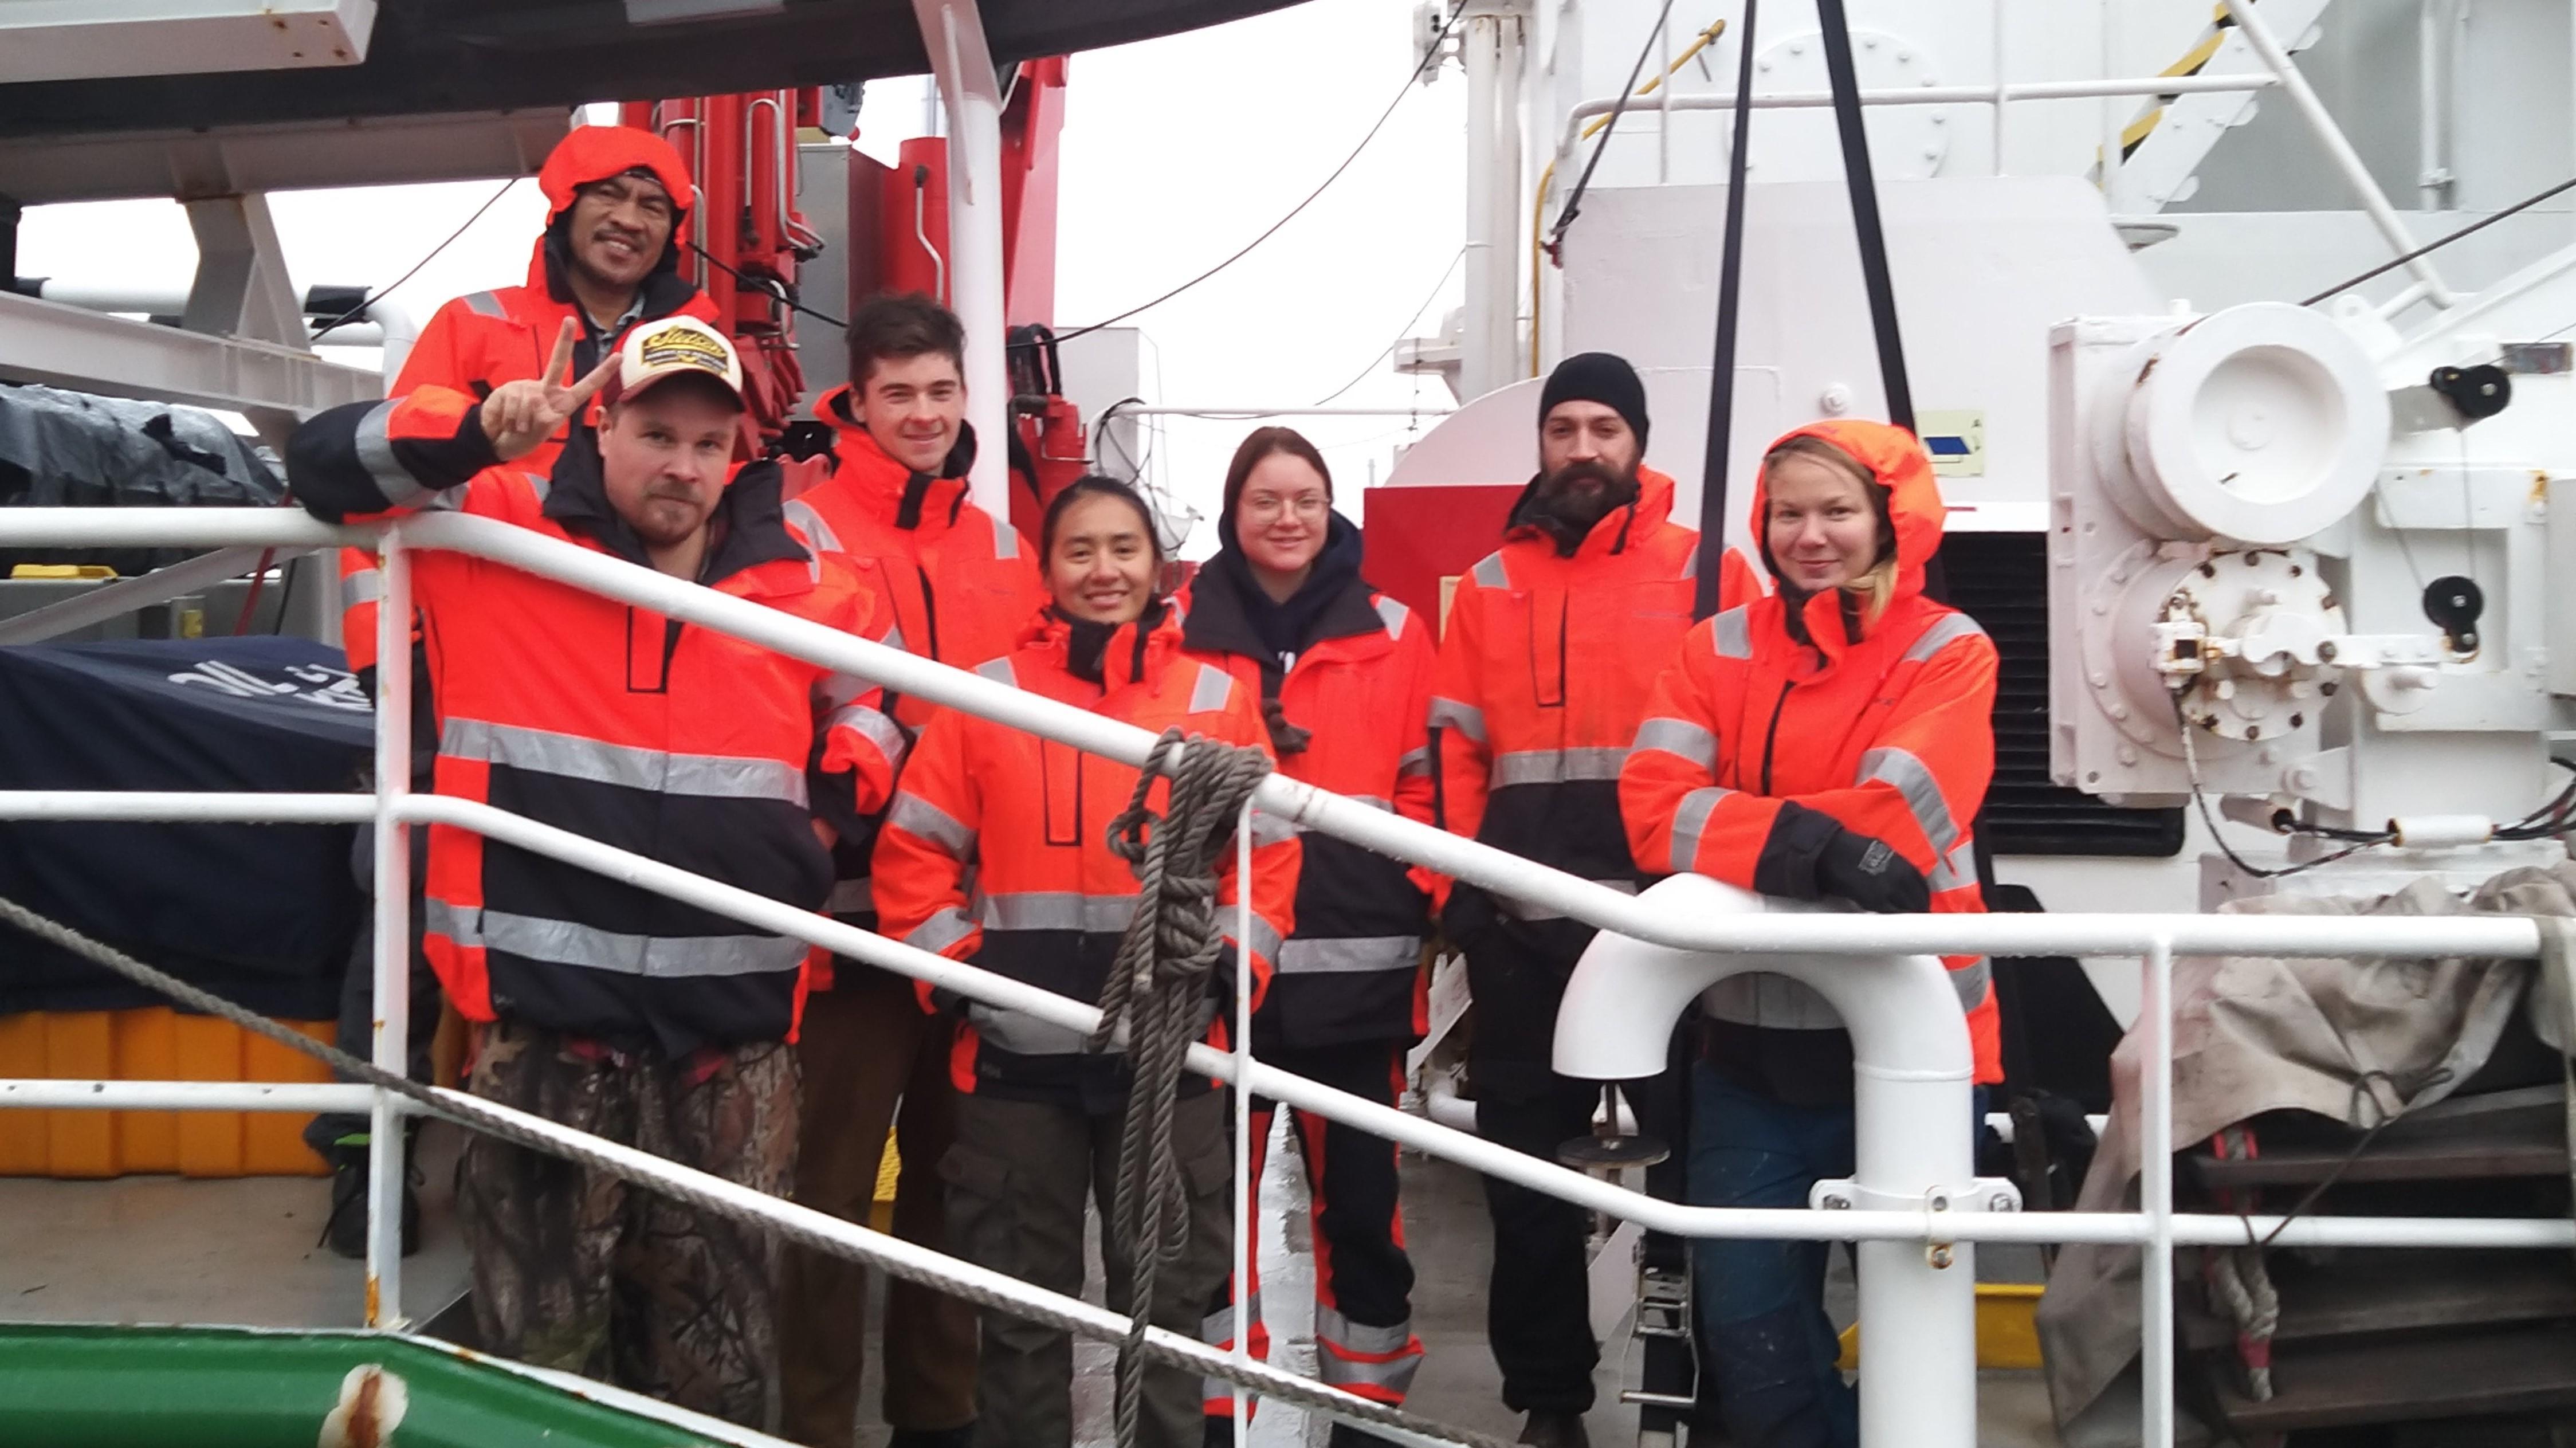 Greenpeace klaar voor vertrek naar de Indische Oceaan: 'We willen kijken wat de huidige stand van zaken is met betrekking tot de visstand' | Onderweg